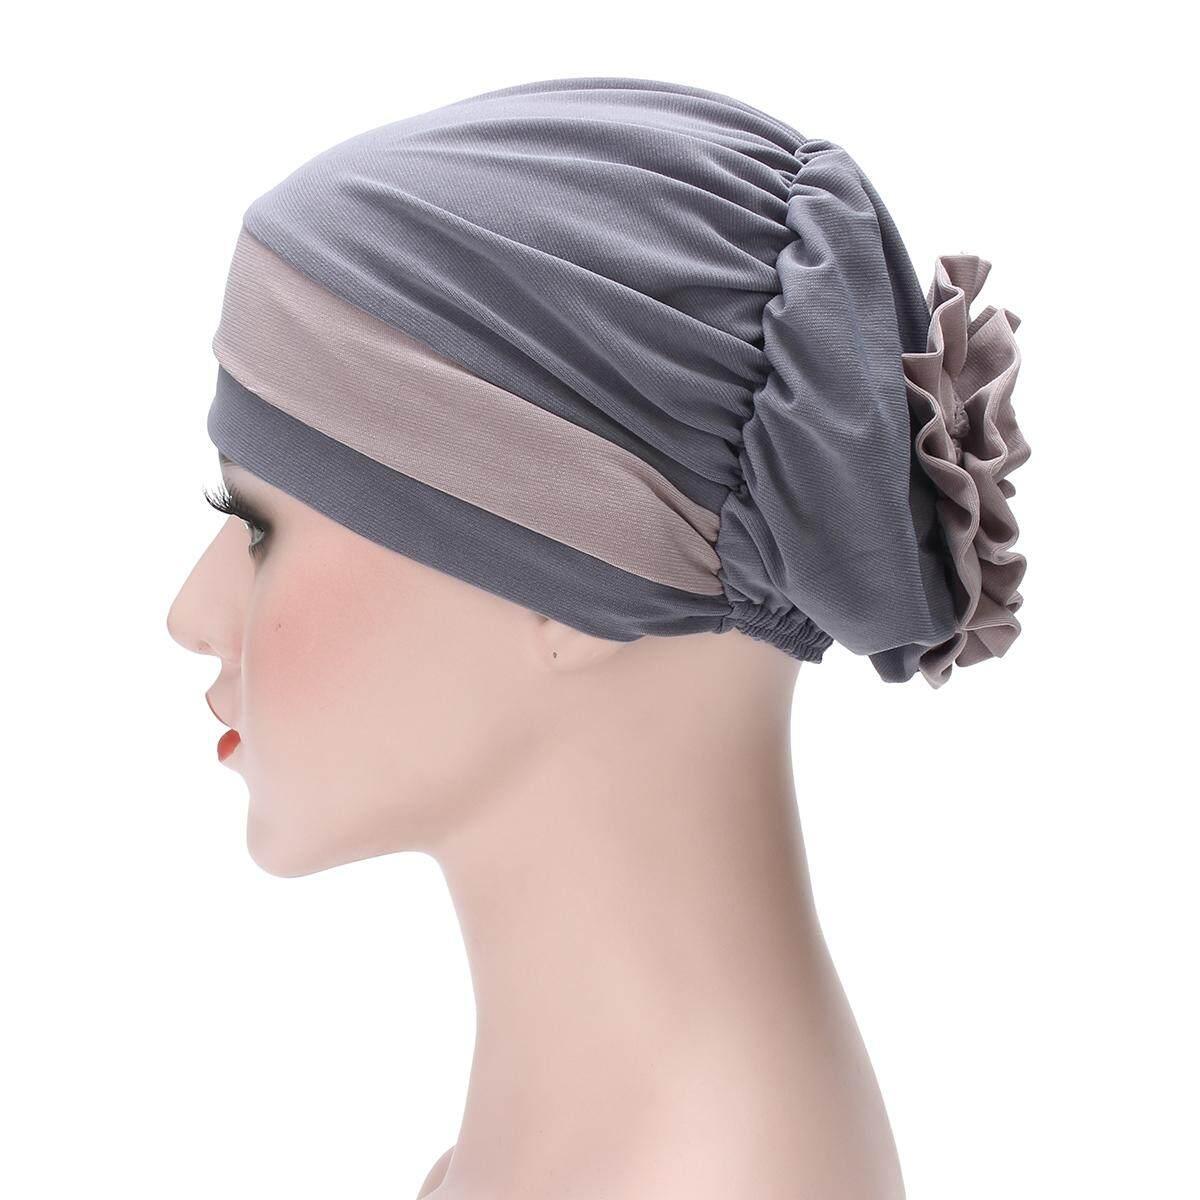 Muslim Flower Women Hijab Hat Islamic Headwrap Elastical Turban Hat Arab Cap 0eb3e453bad4